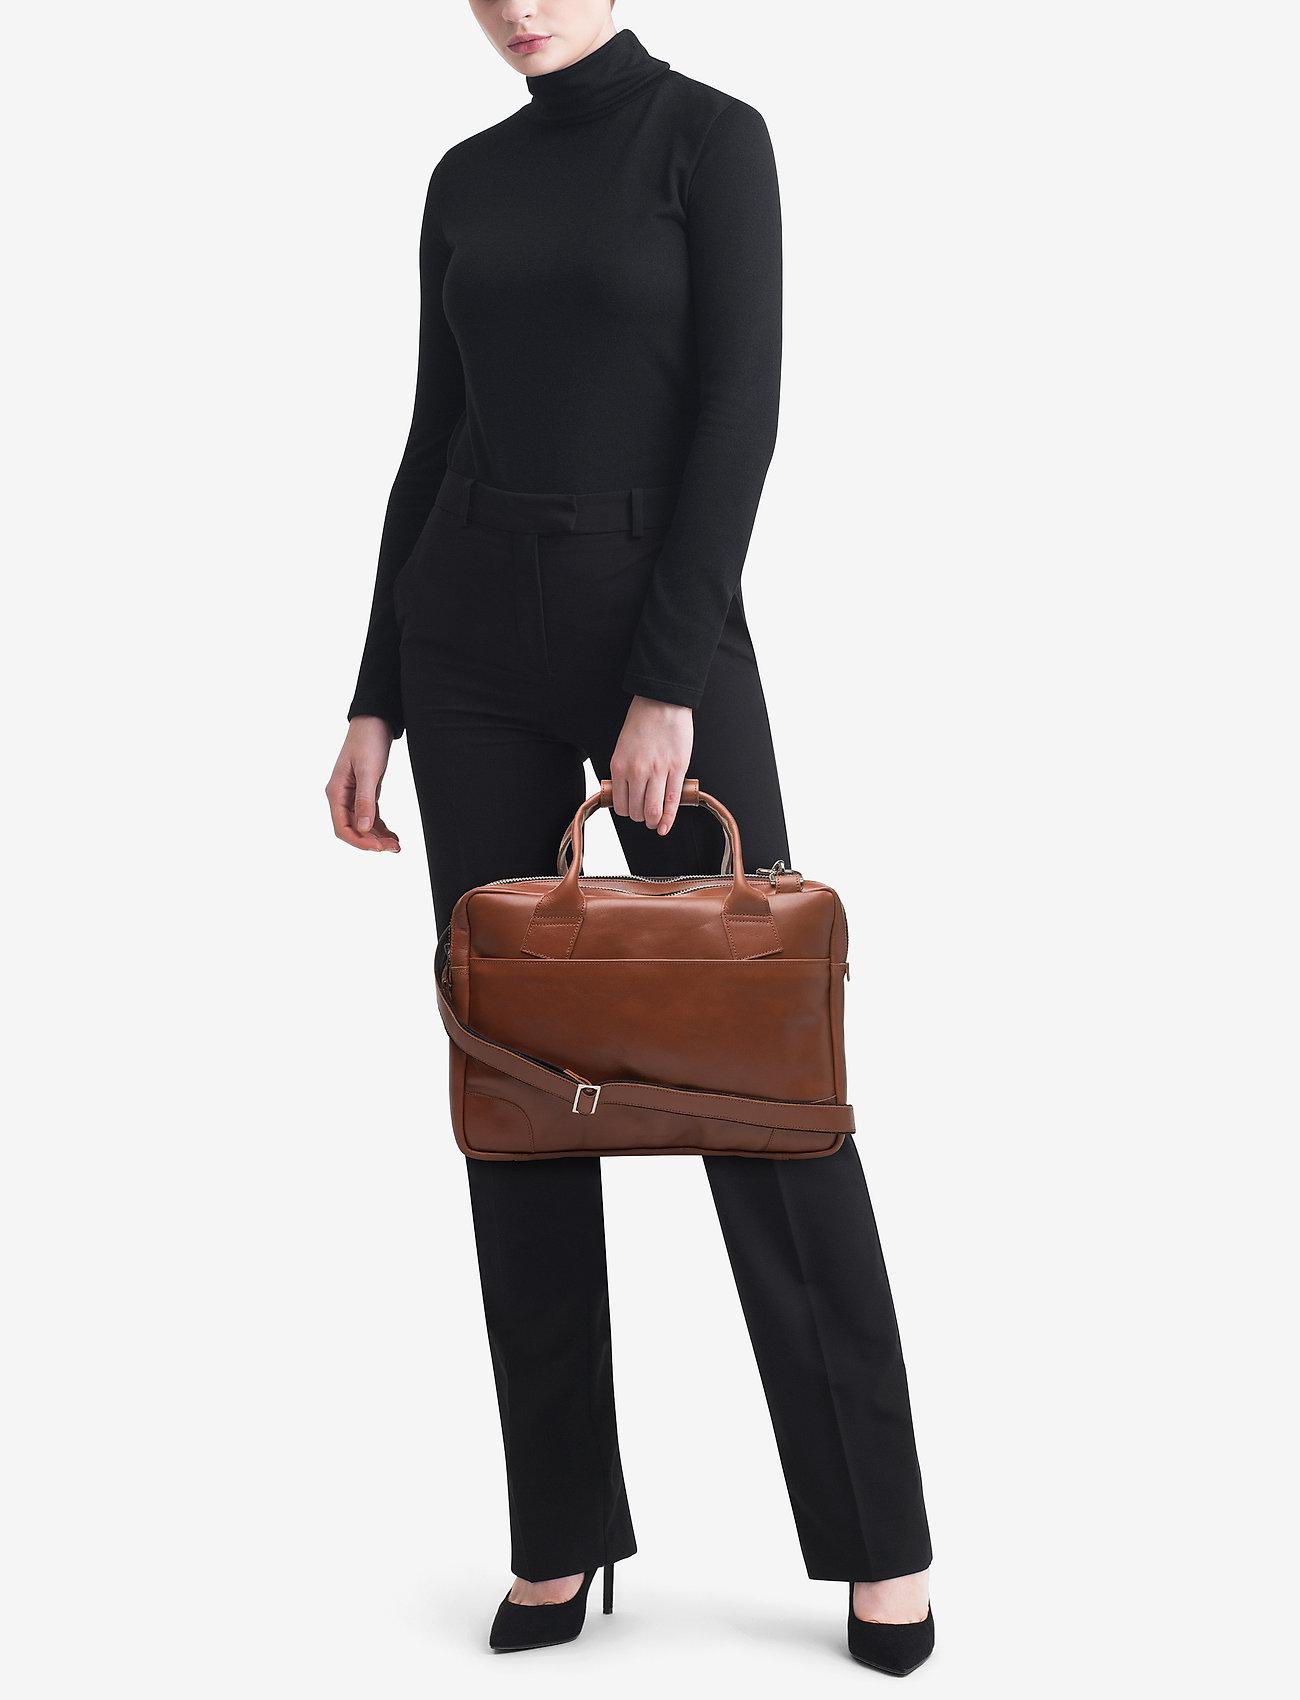 Royal RepubliQ Nano big zip bag leather - COGNAC